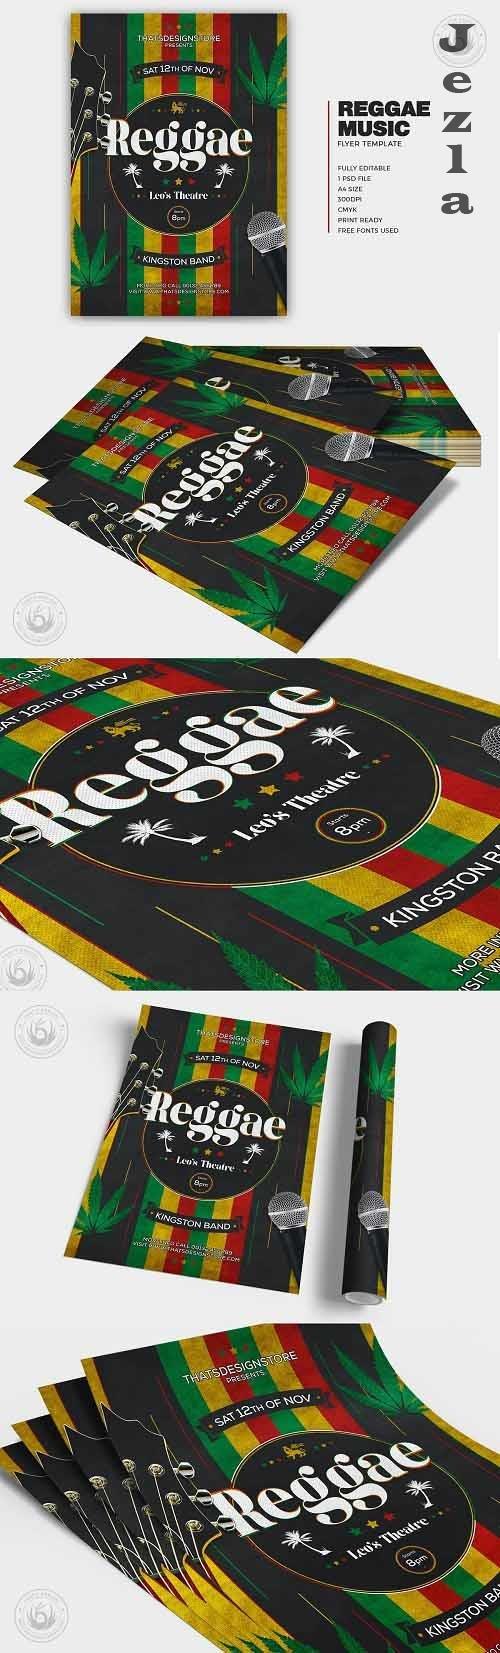 Reggae Music Flyer Template - 5836679